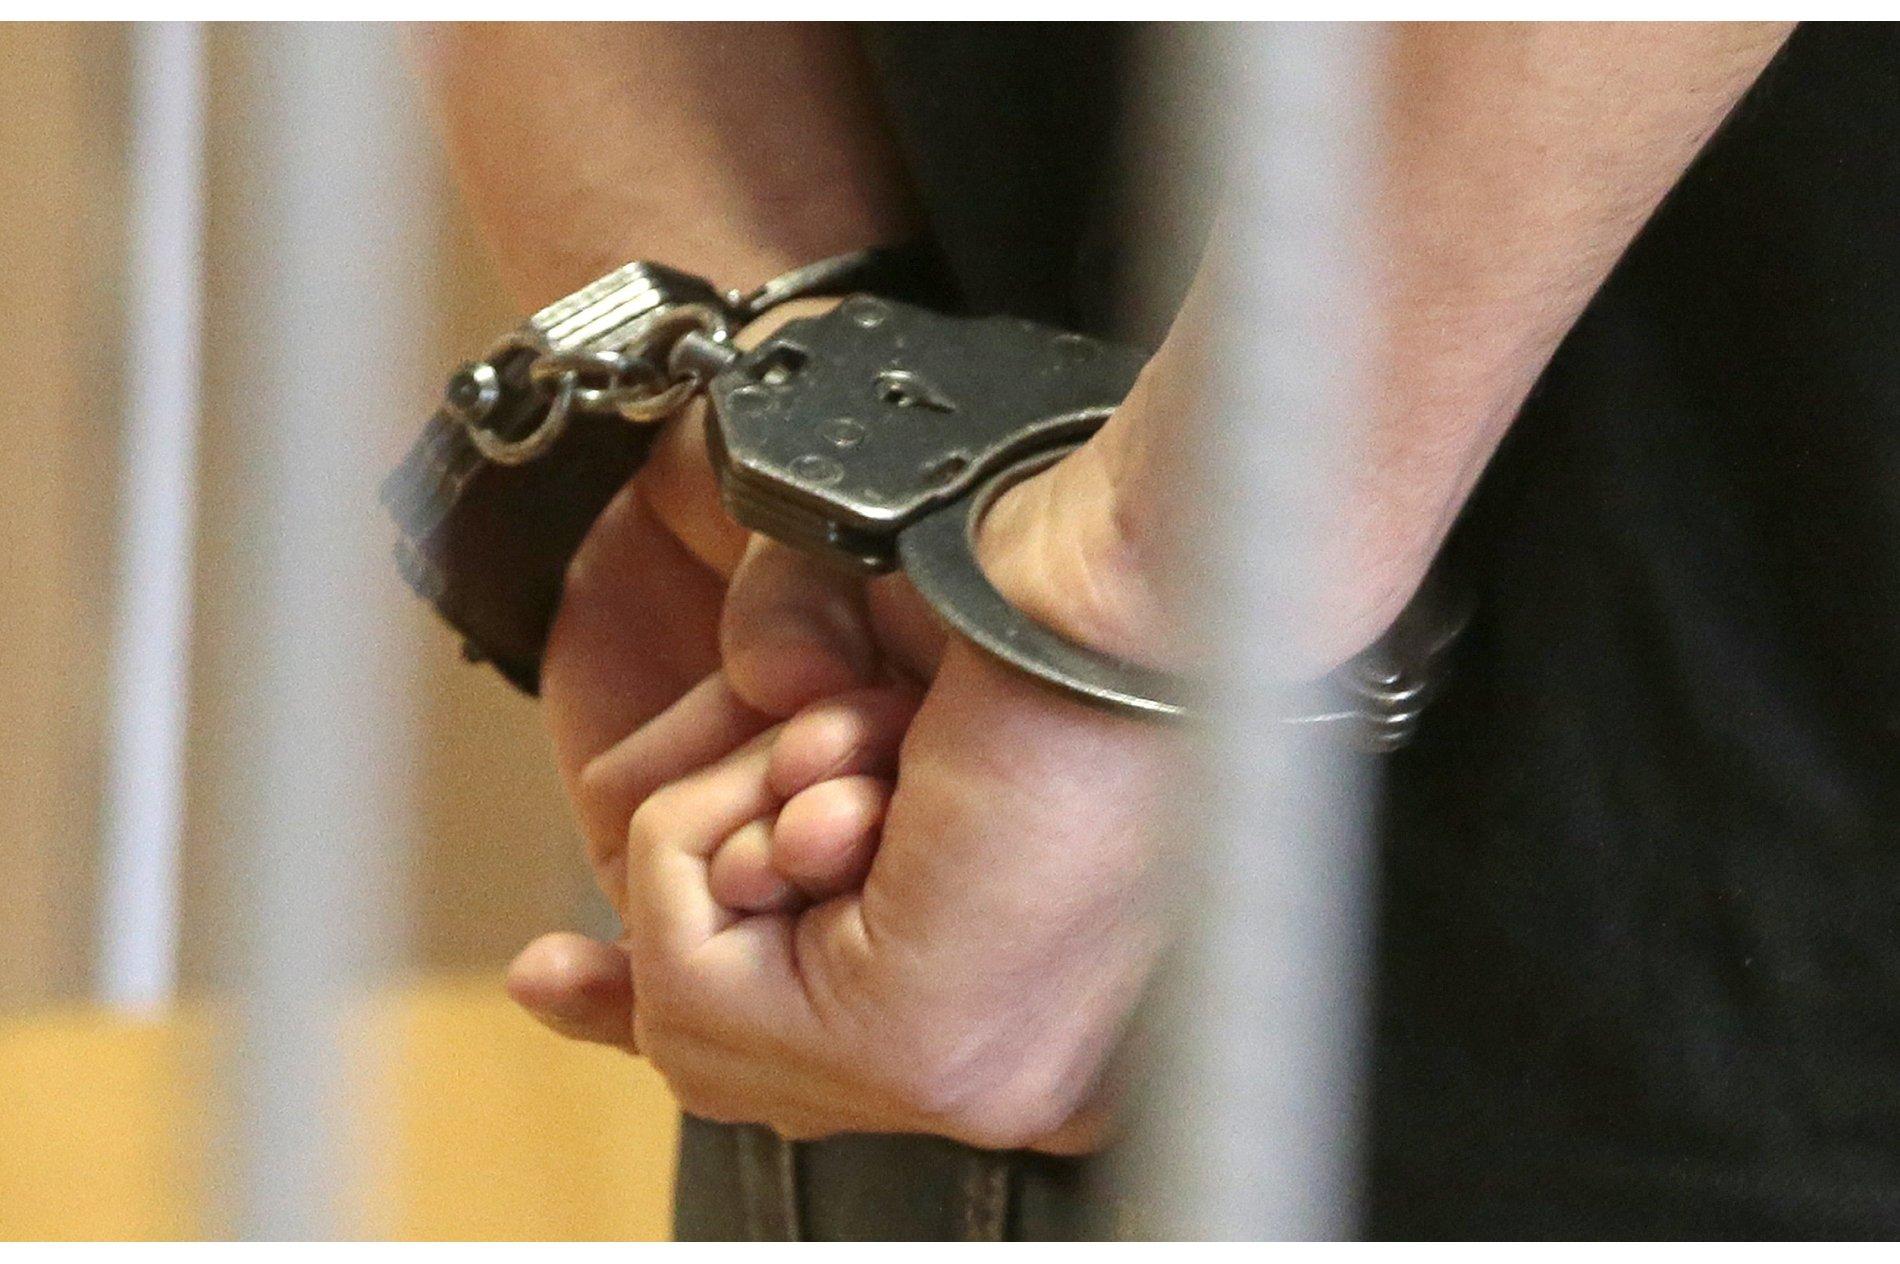 ВБежецке 31-летняя женщина украла упенсионерки деньги иювелирные изделия